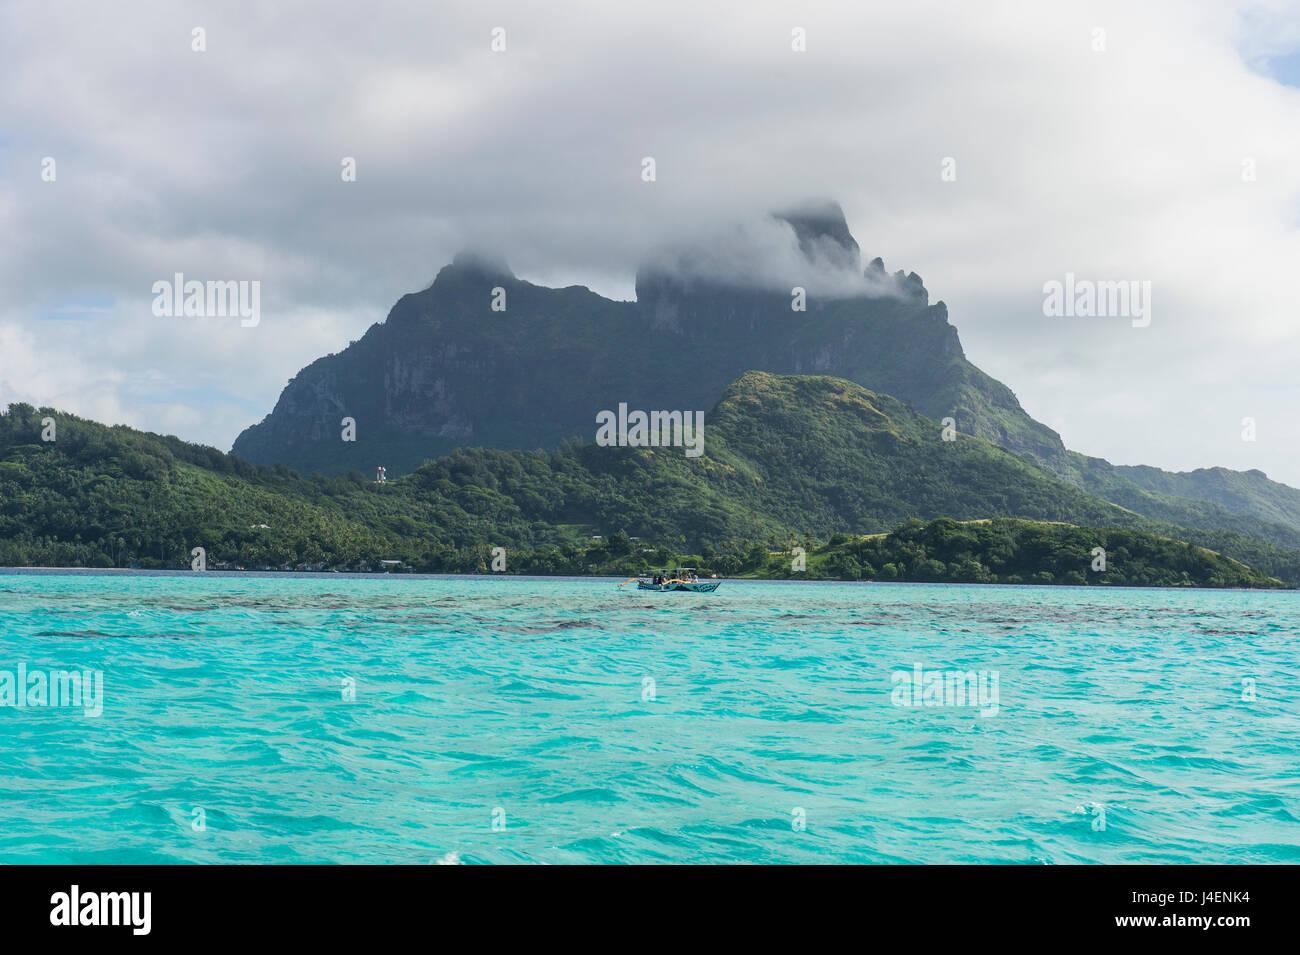 Das Vulkangestein in türkisfarbenen Lagune von Bora Bora, Gesellschaftsinseln, Französisch-Polynesien, Stockbild